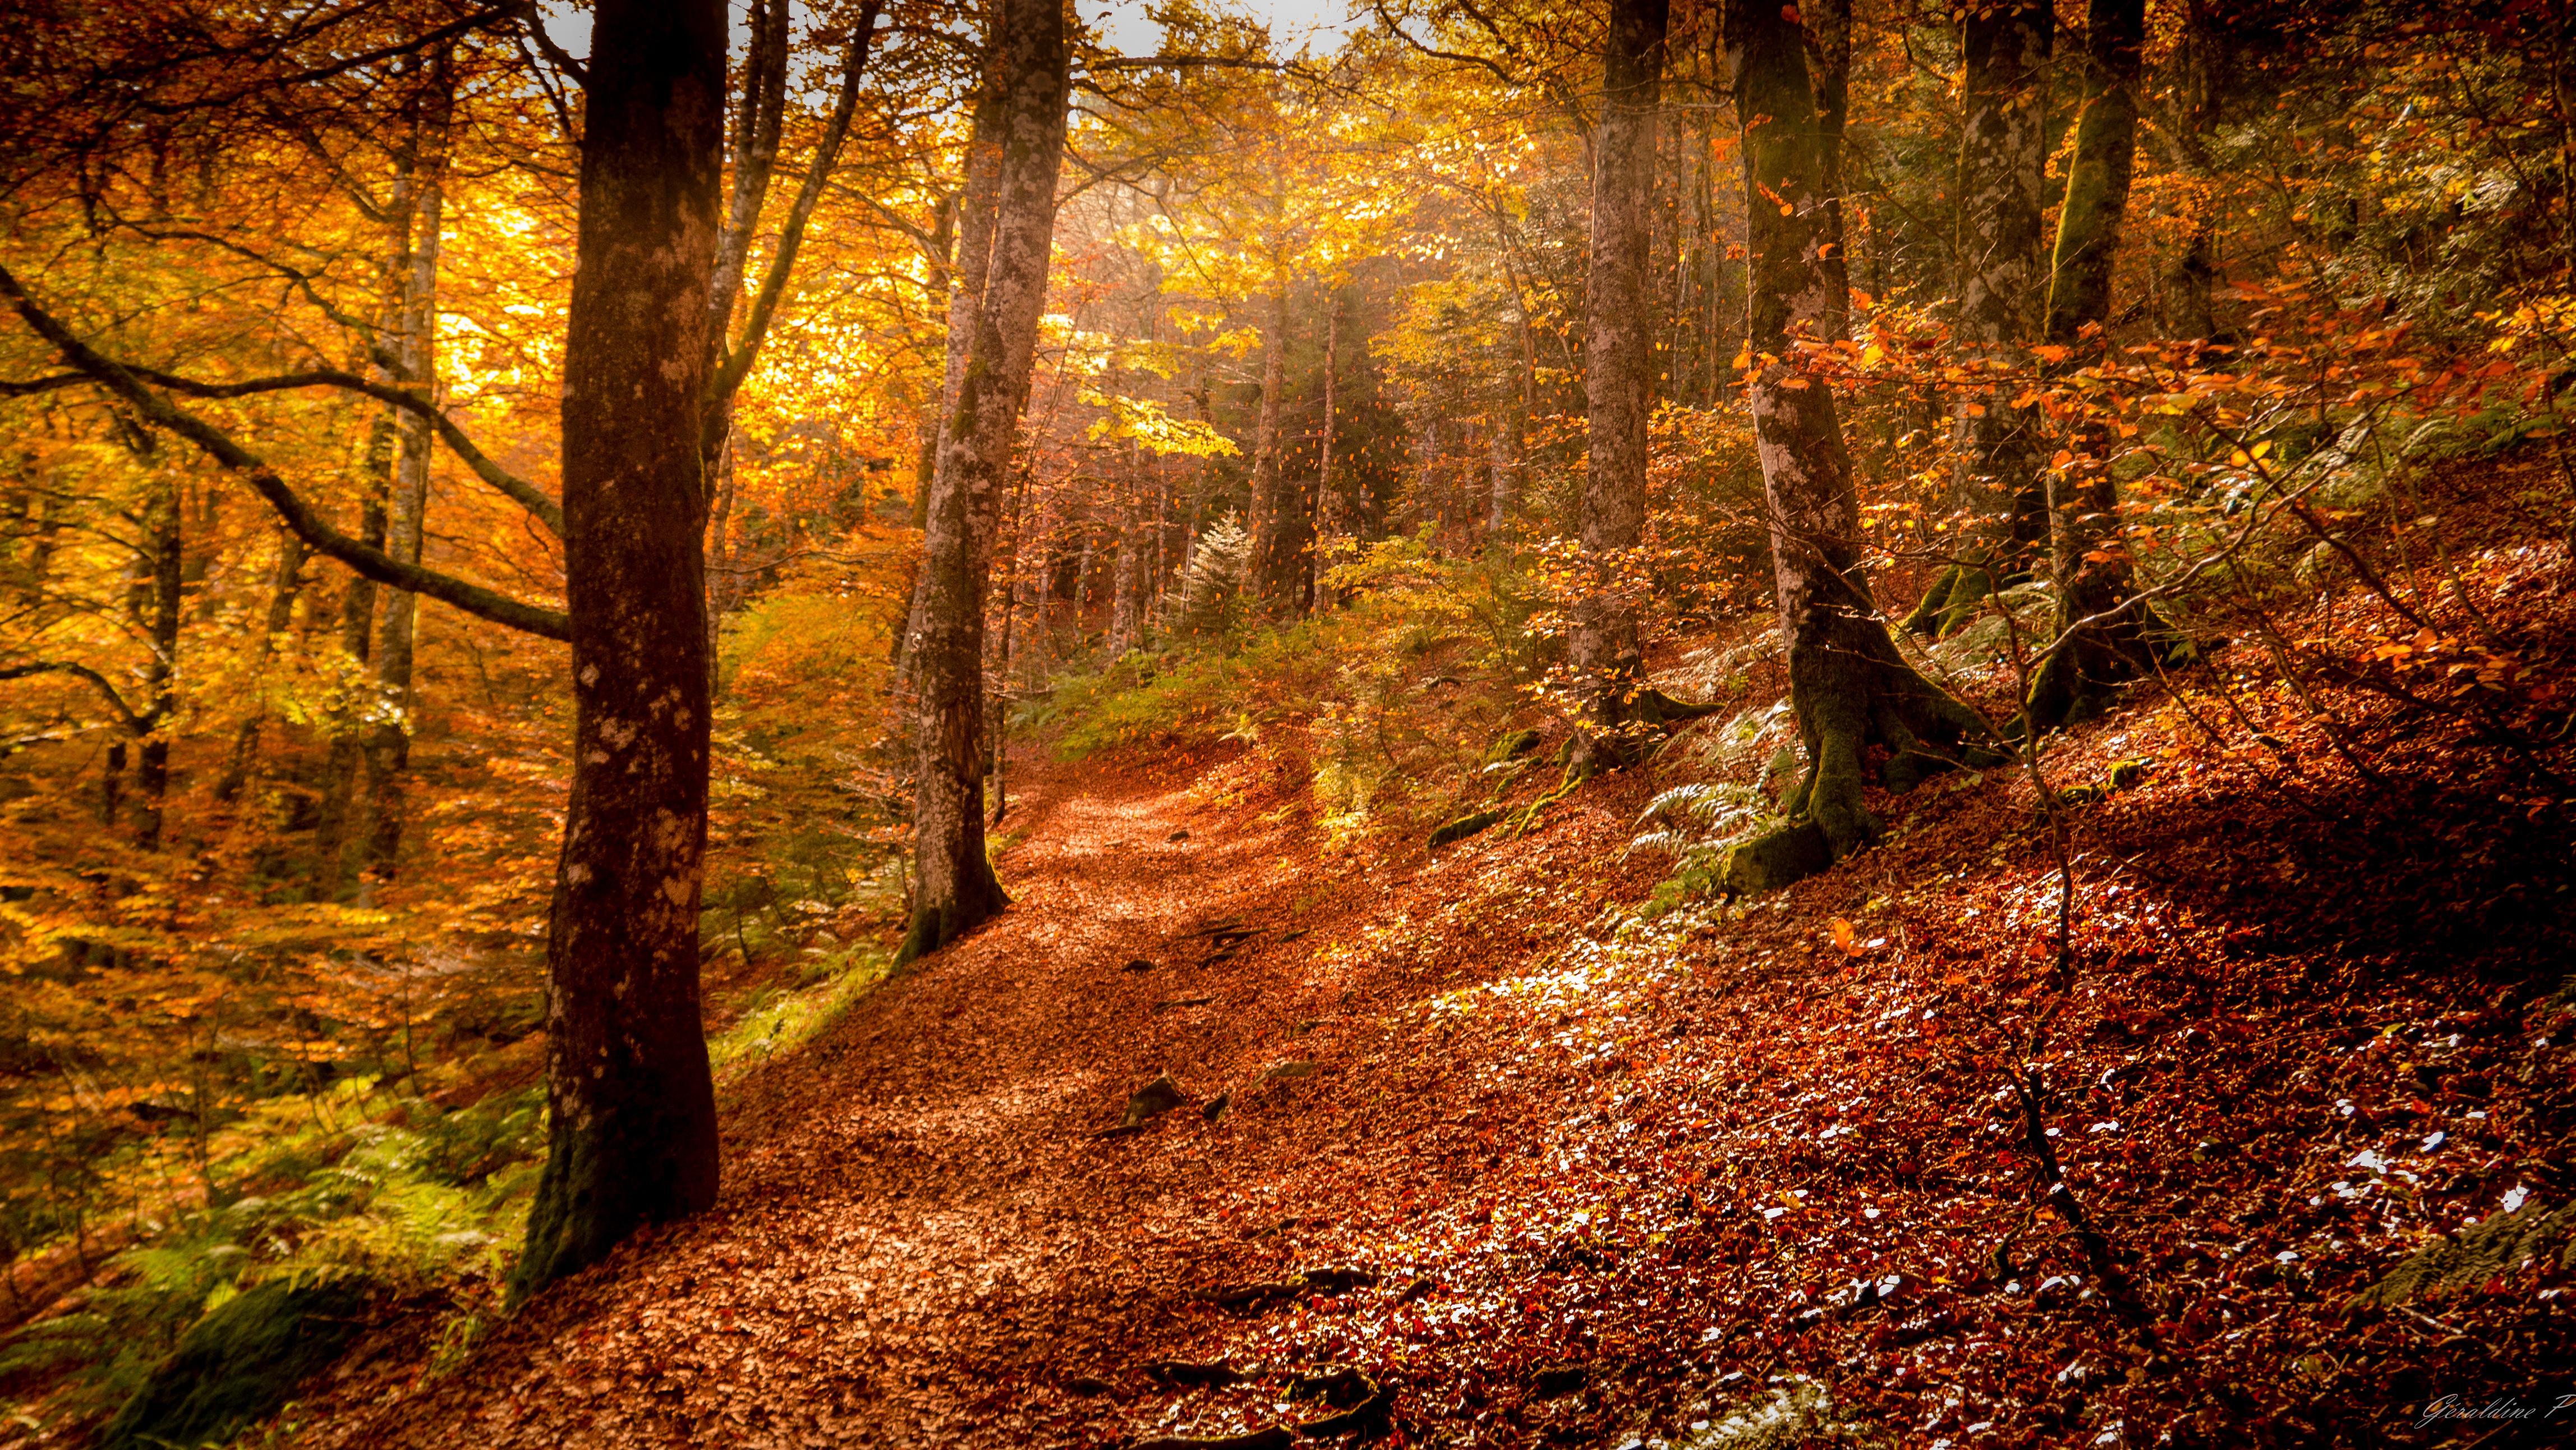 Couleur d'automne en Auvergne, Automne, Auvergne, Foliage, Forest, HQ Photo